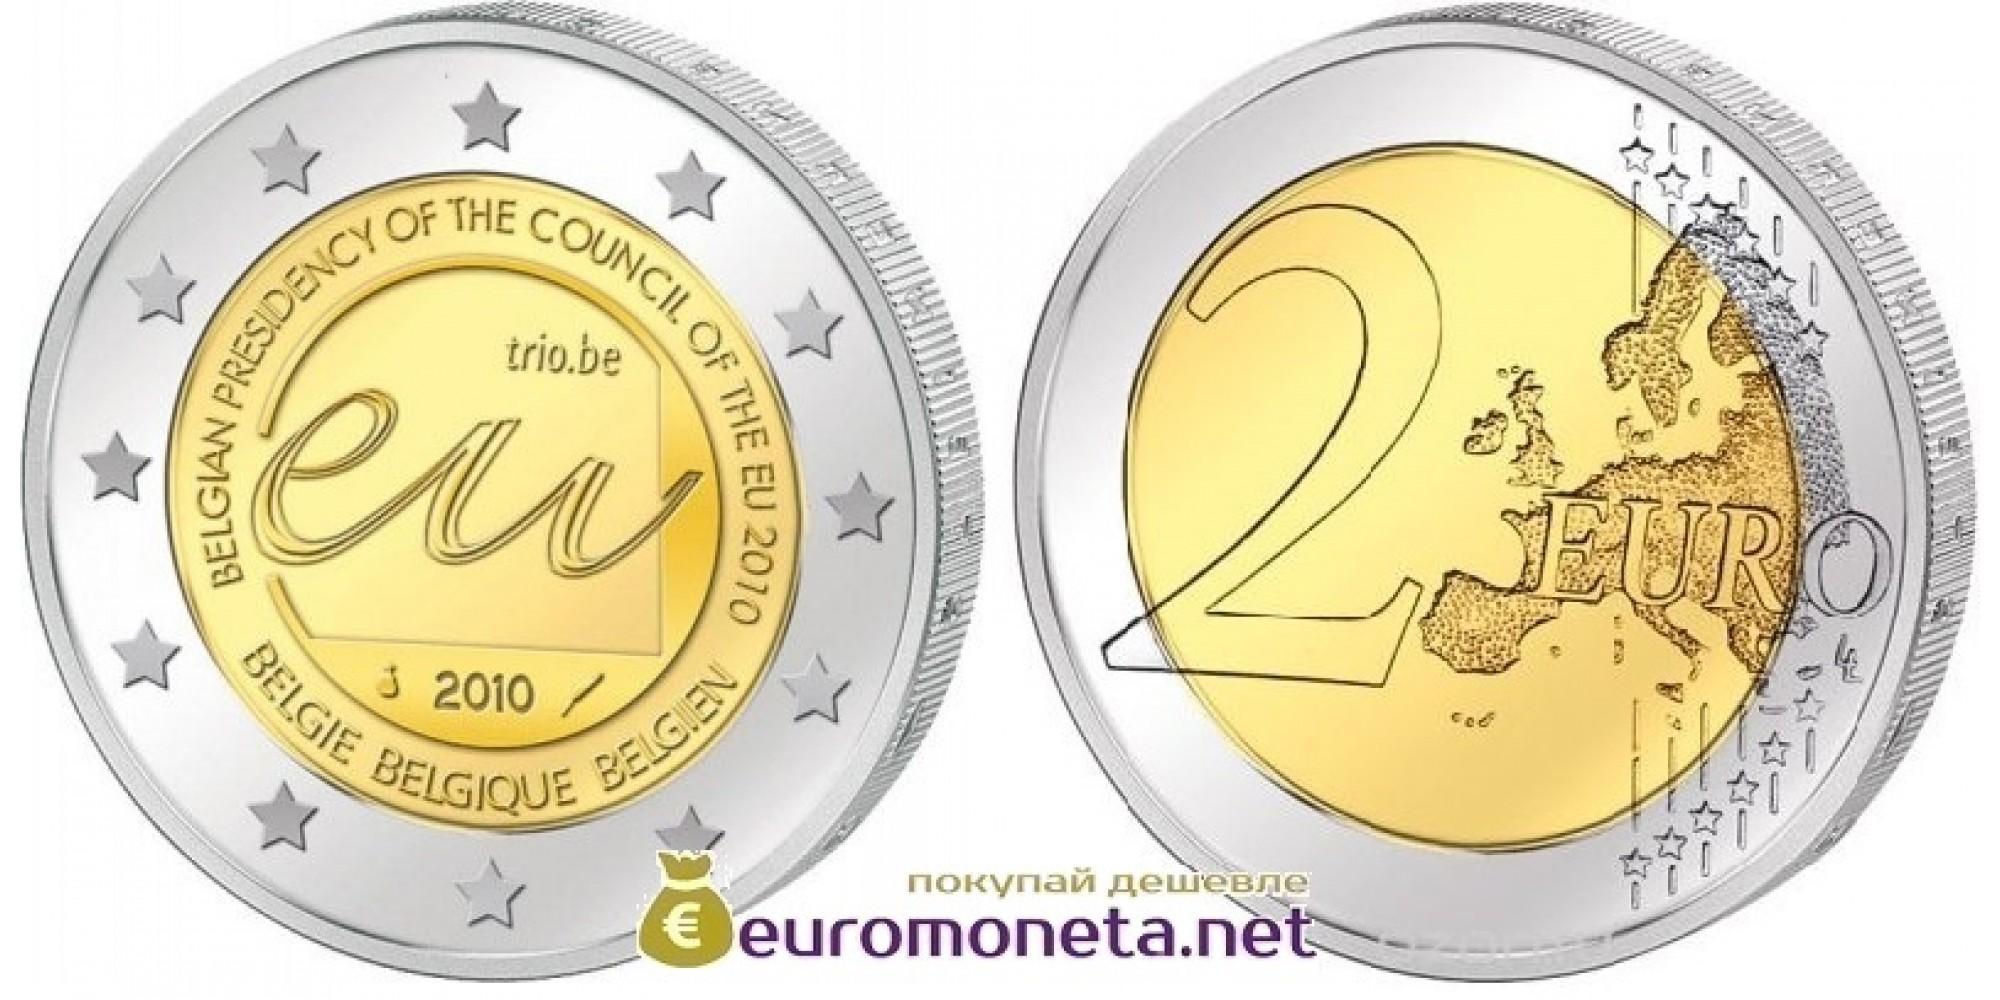 Бельгия 2 евро 2010 год Председательство в Евросоюзе, биметалл АЦ из ролла